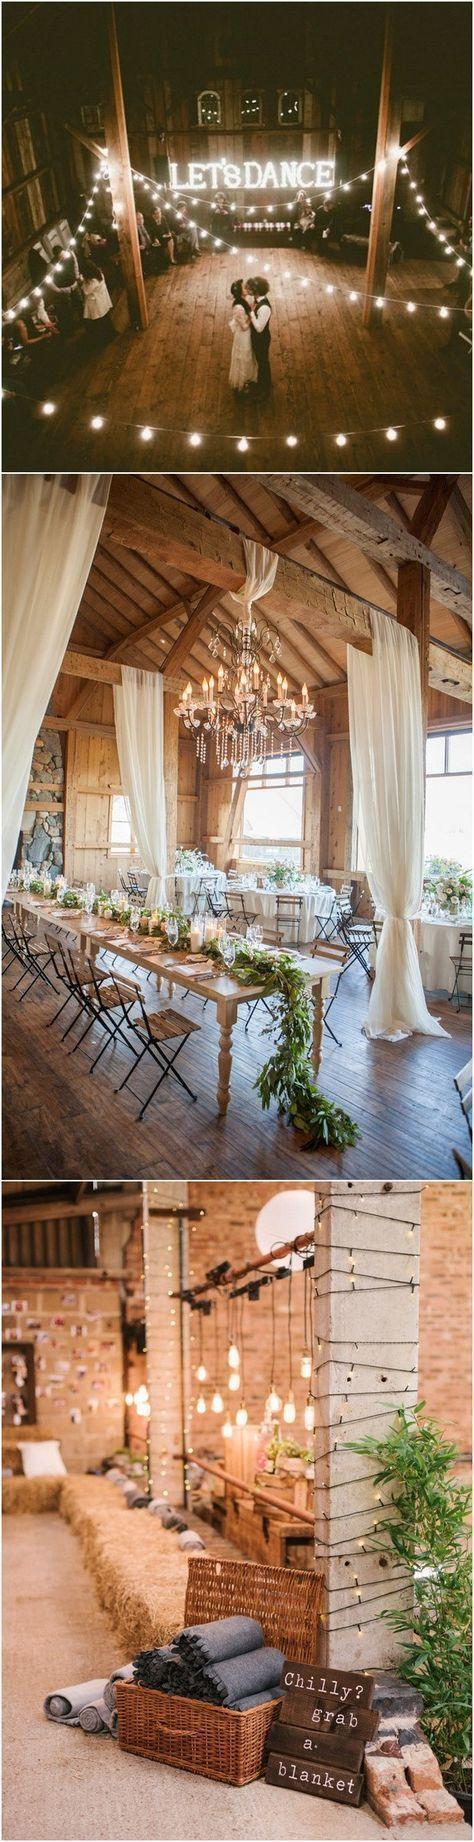 rustic barn wedding decoration ideas #decoration #ideas #rustic #wedding  –  #ba…